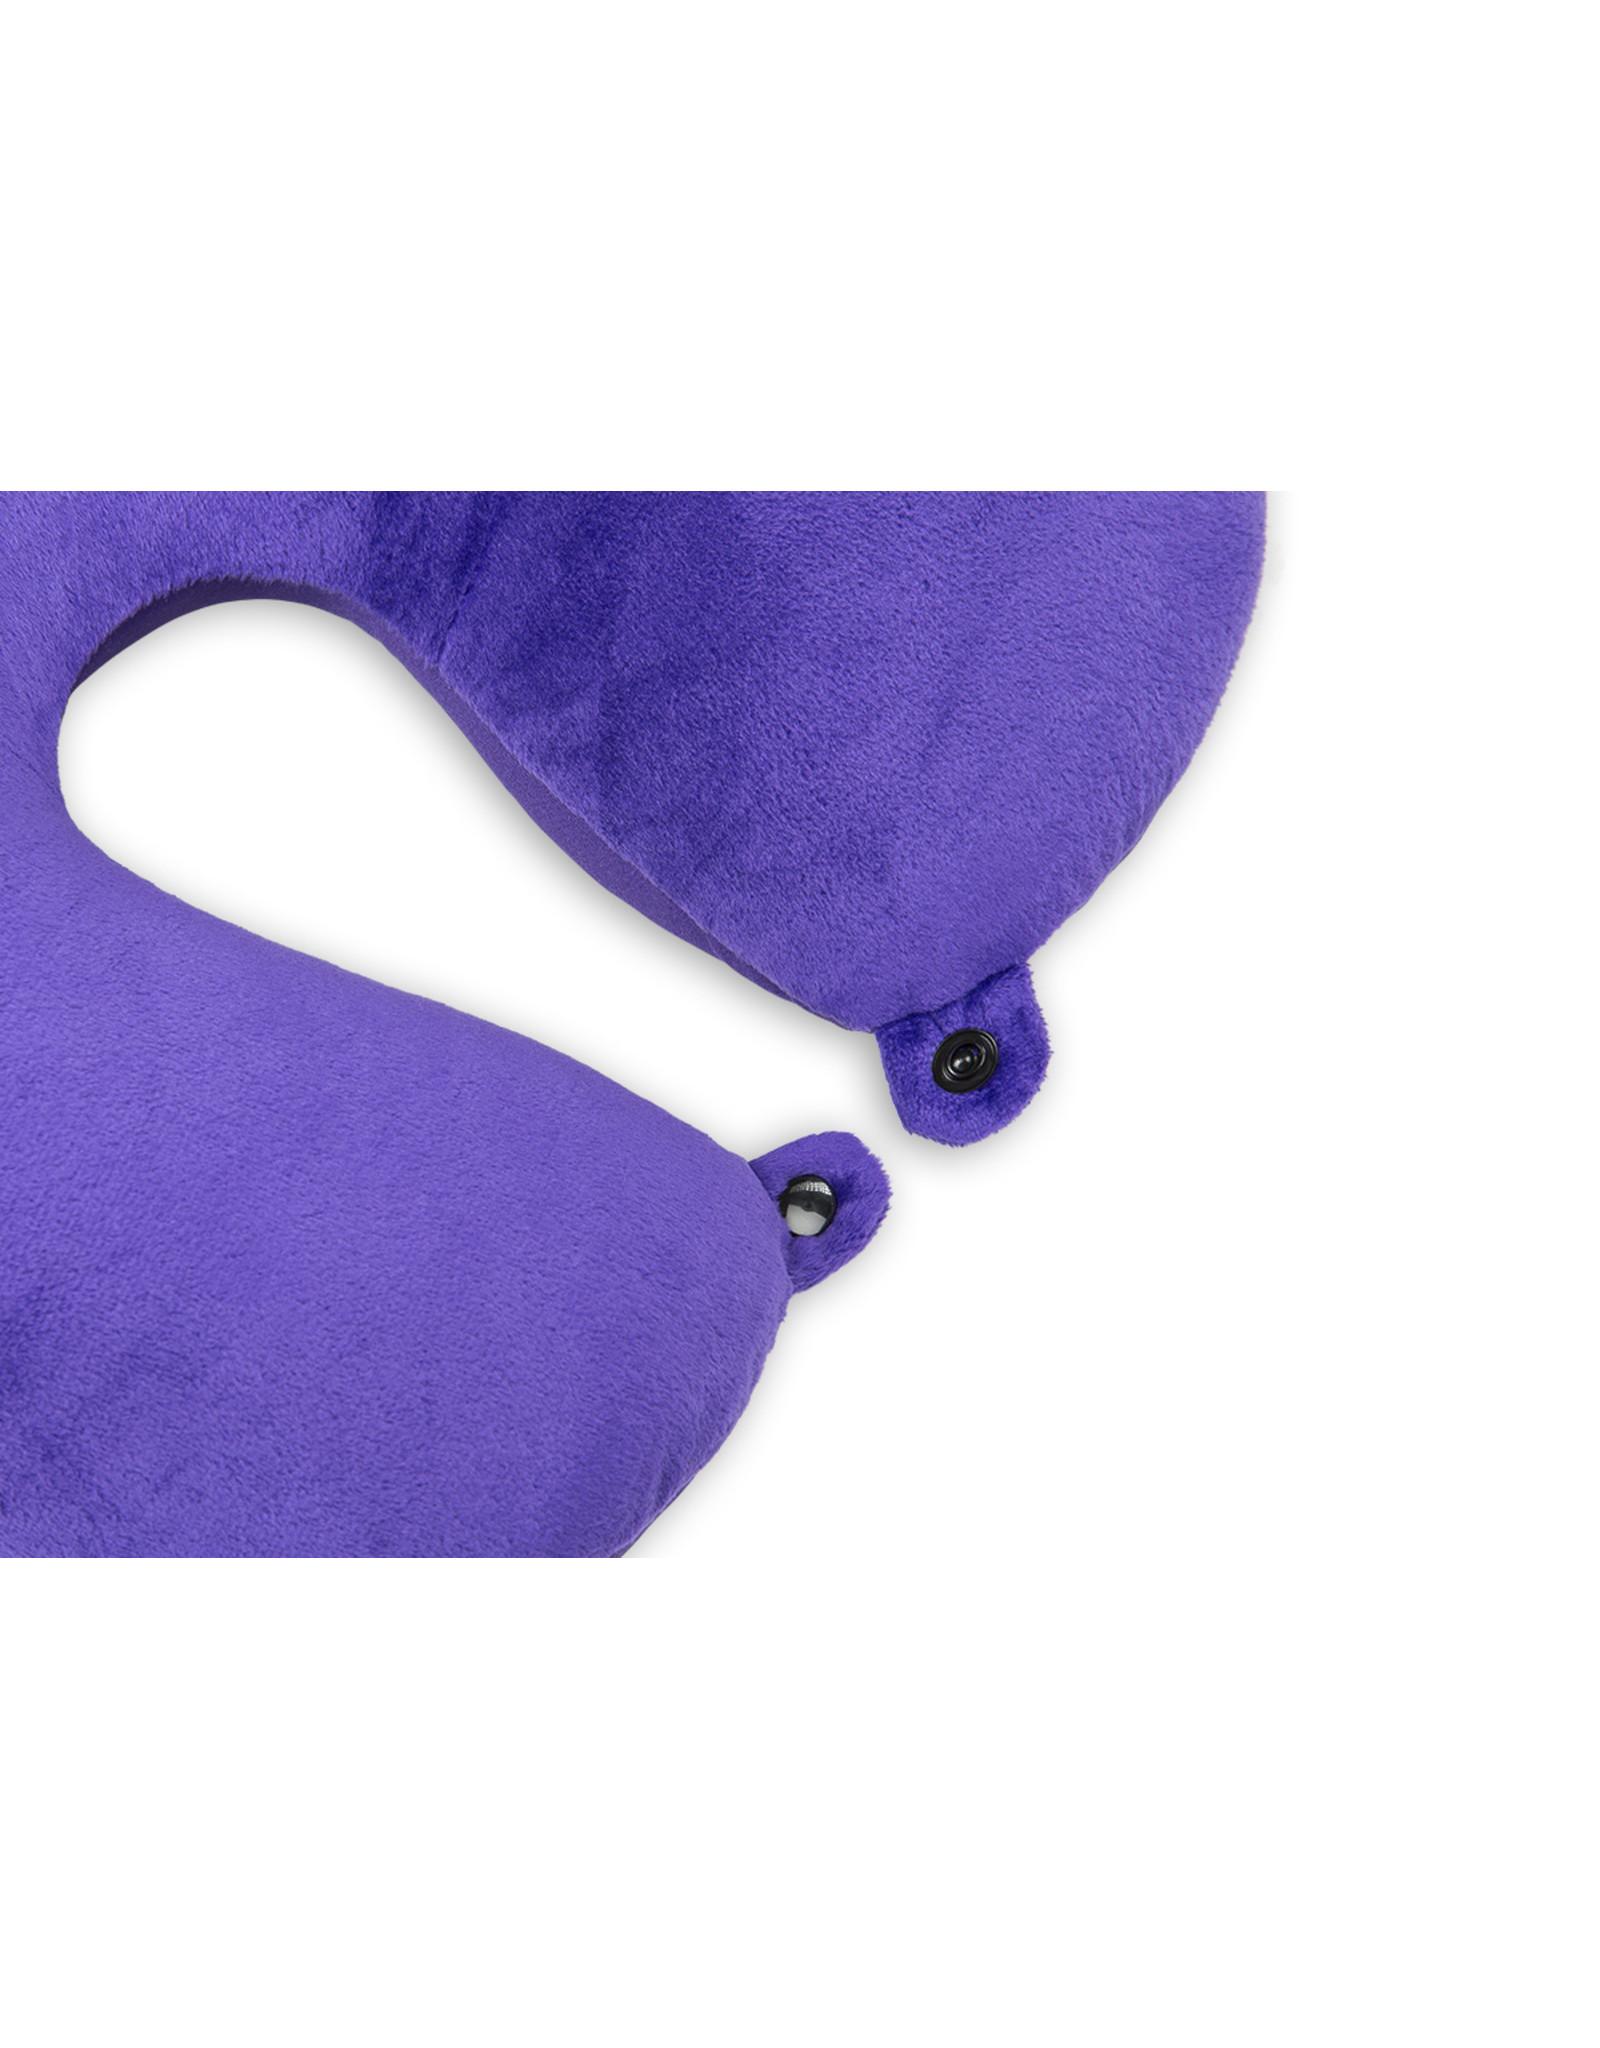 INVITALIS Kuschel-Maxx - Nack cushion Violet